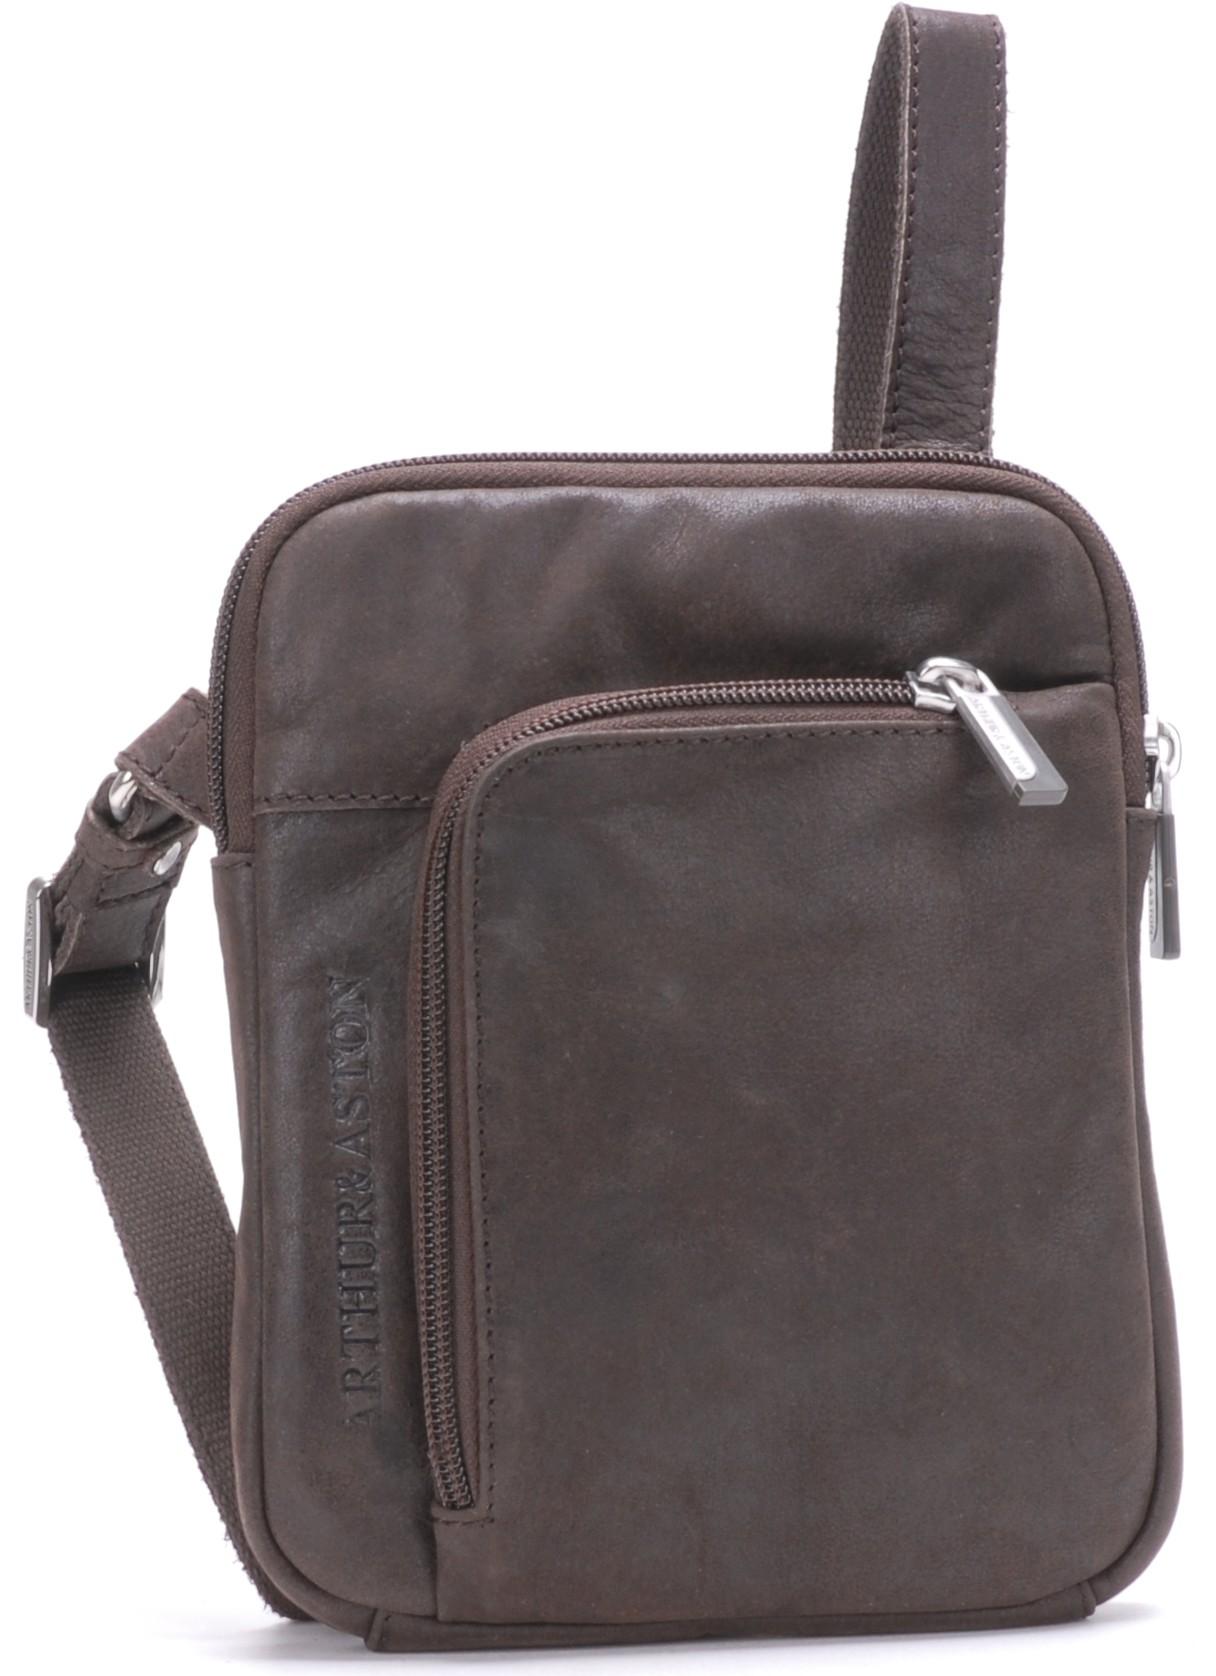 Cuir De Vachette C Est Quoi pochette besace - cuir de vachette-arthur & aston | 3 suisses